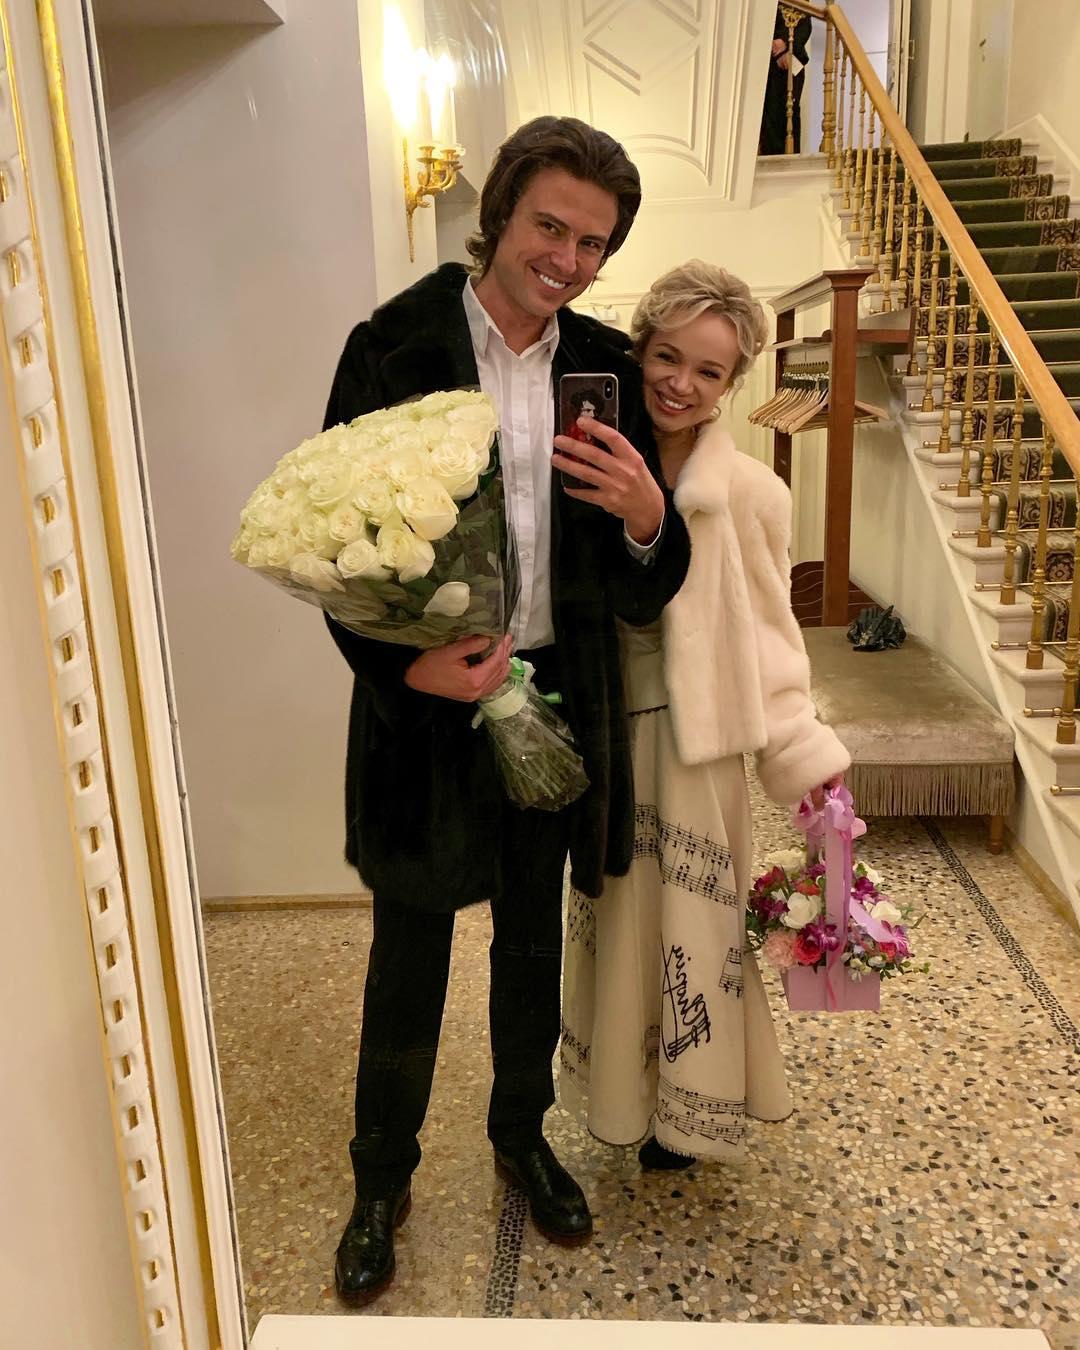 Цымбалюк-Романовская запела: Прохор Шаляпин поддержал Виталину и назвал ее своей путеводной звездой